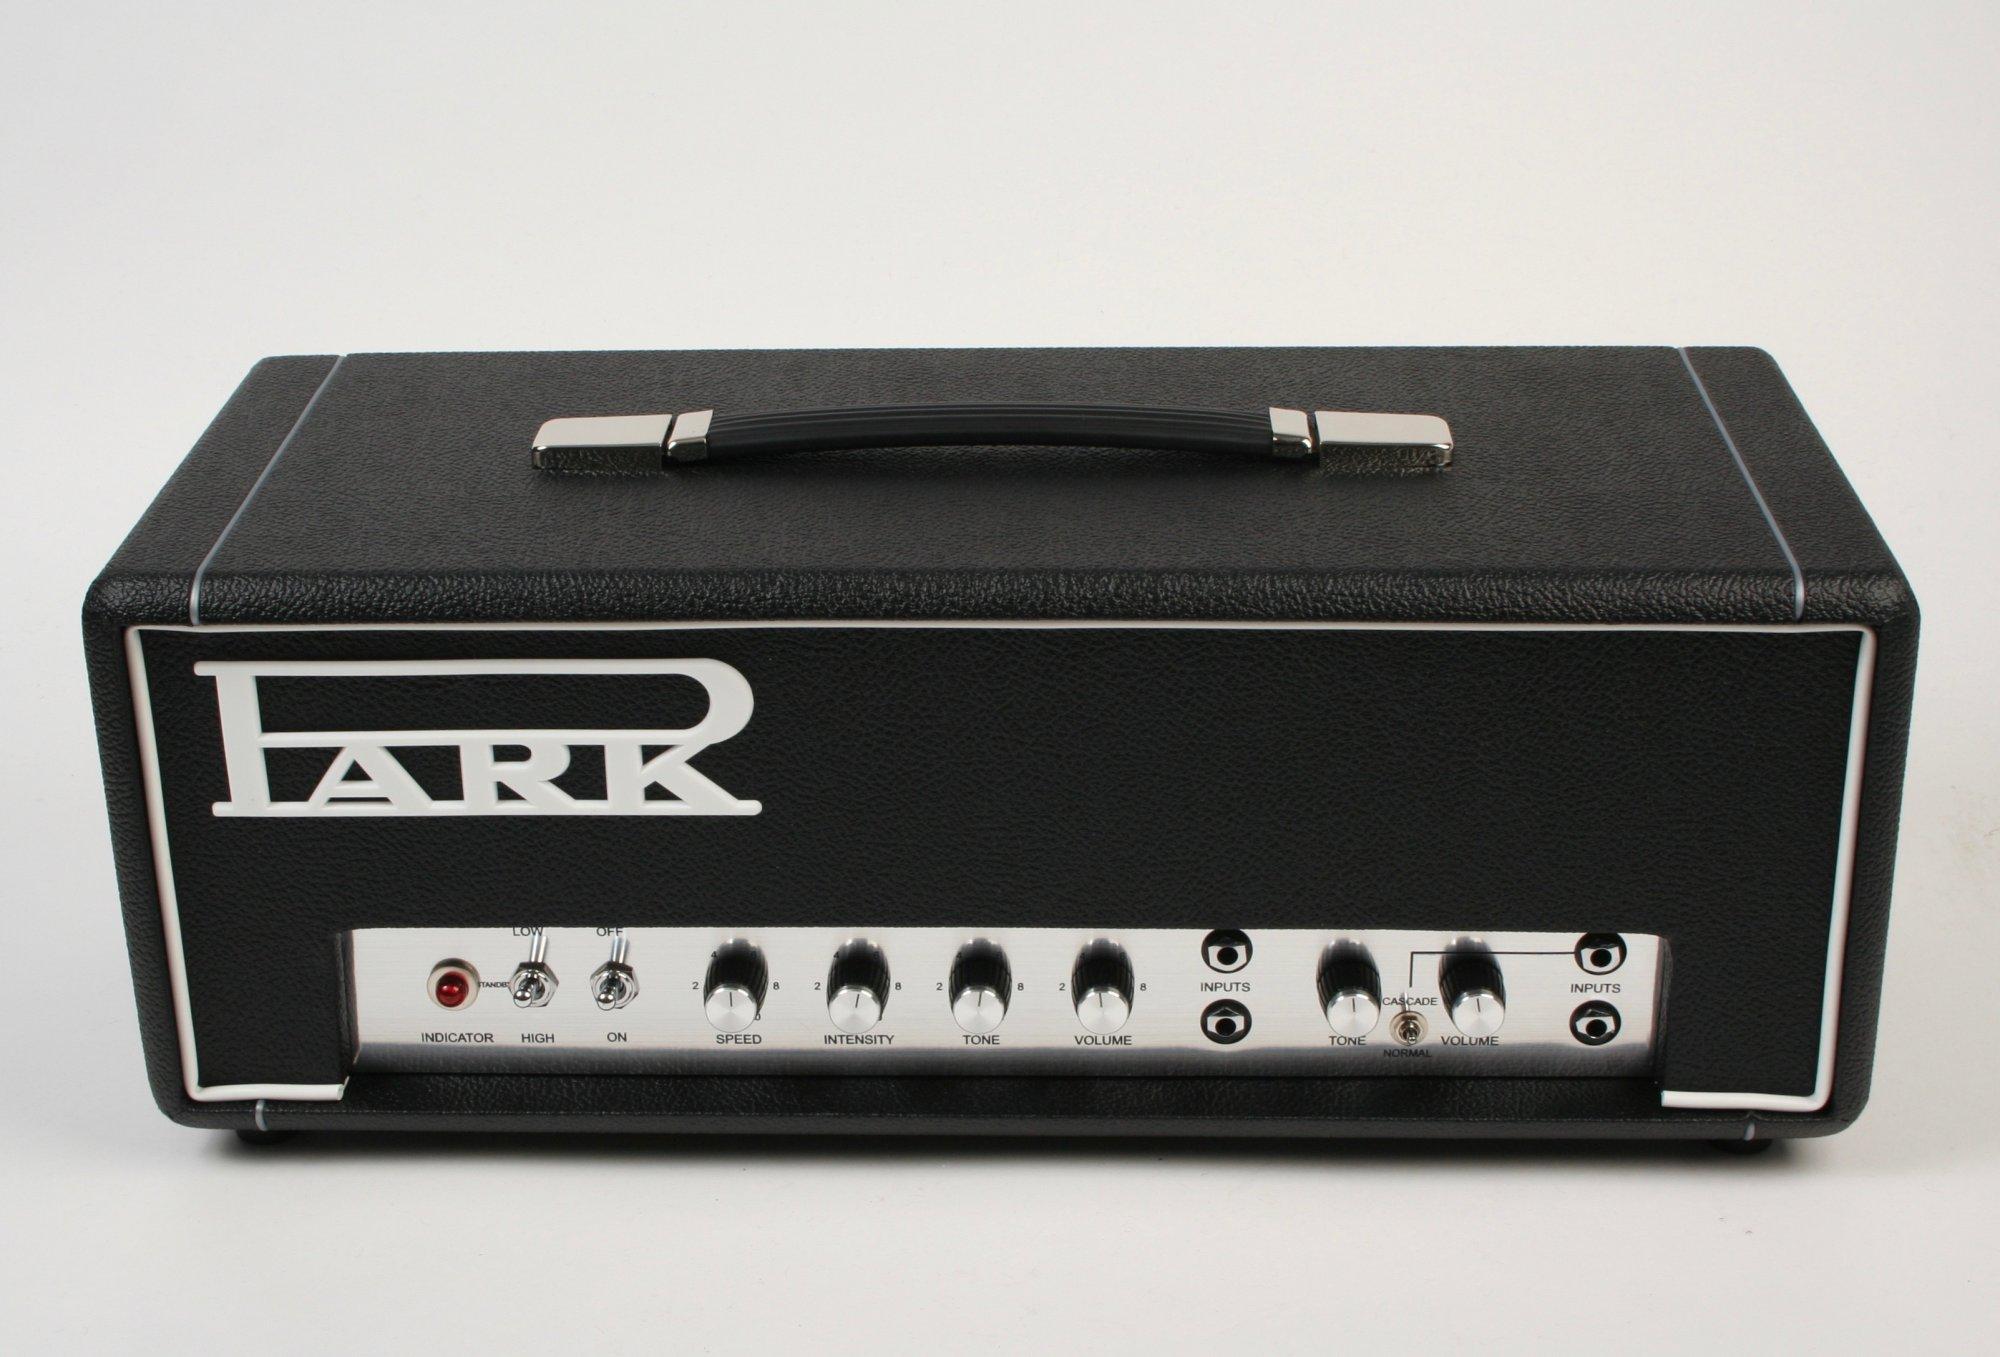 Park Amplifiers 18 Watt Head Black